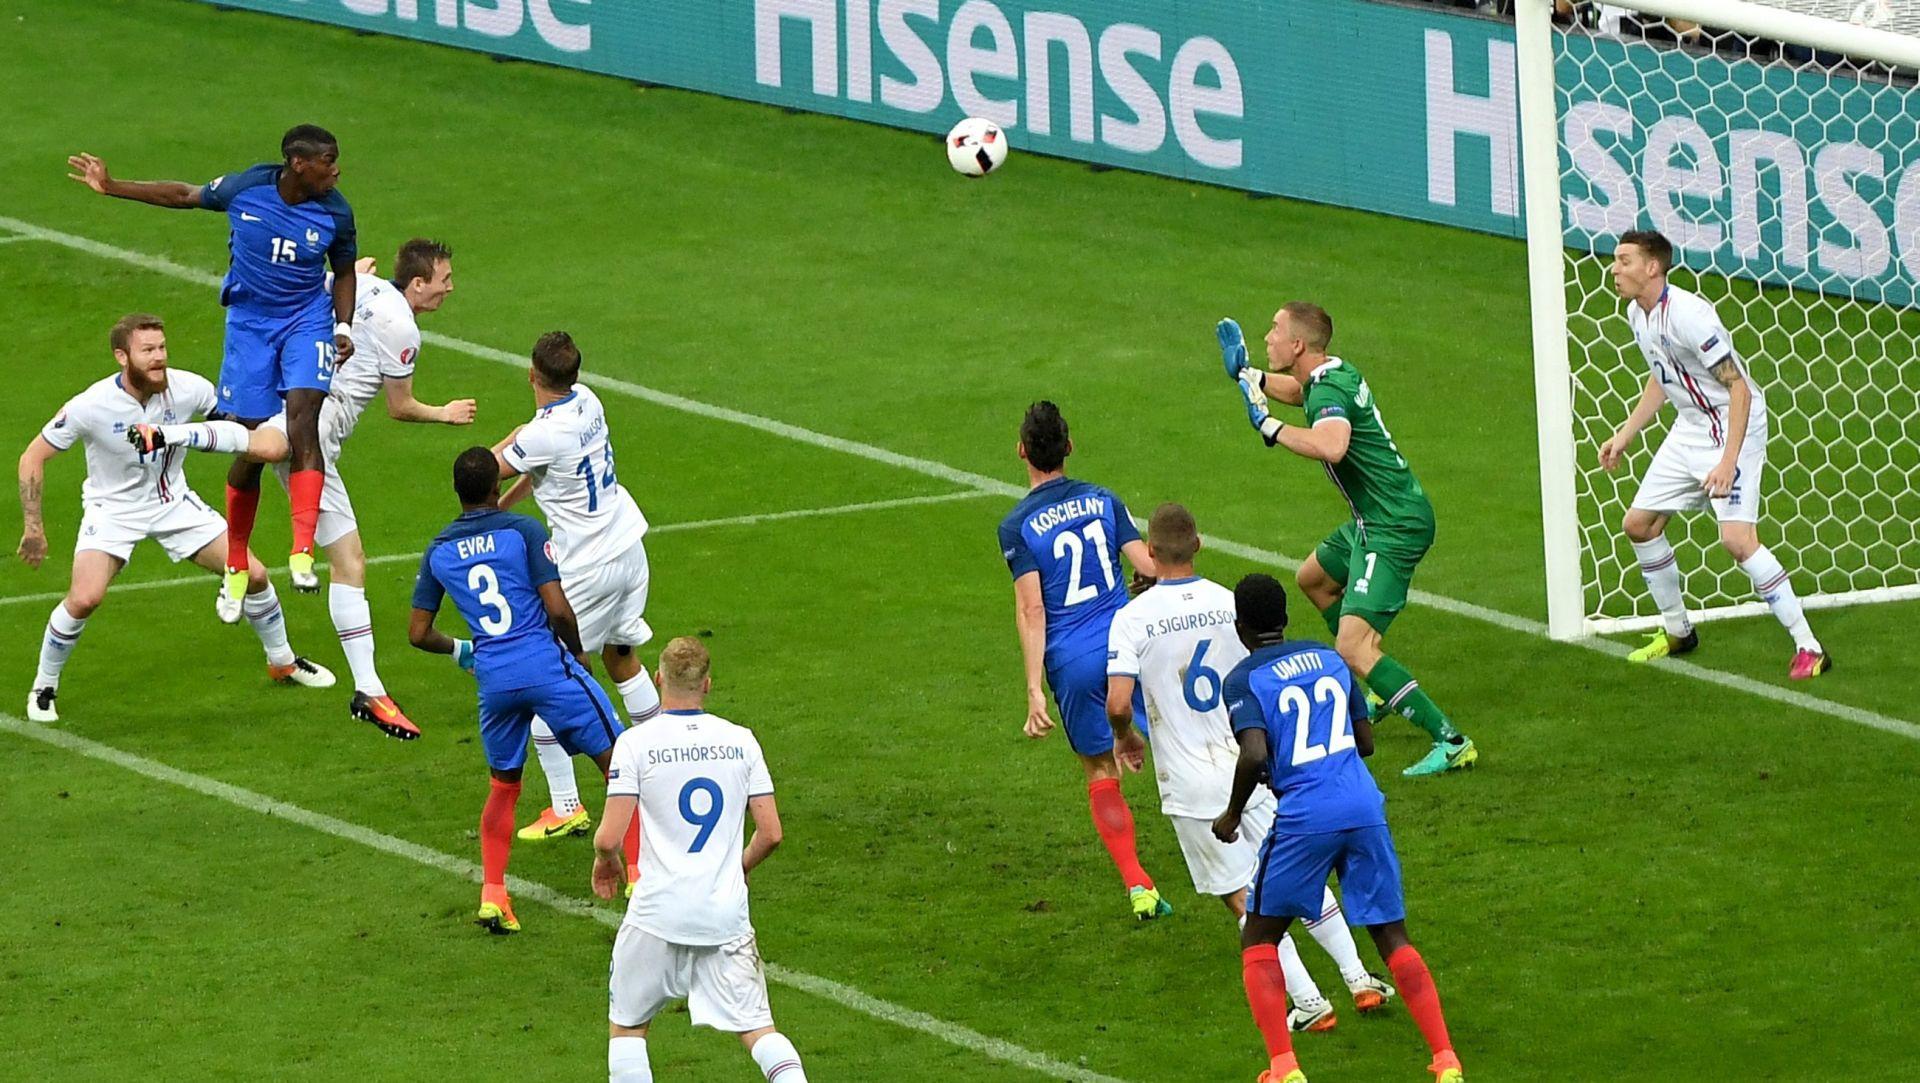 FOTO: SENZACIJA PRVENSTVA IDE KUĆI Francuska furiozno u polufinale, kiša golova u Parizu